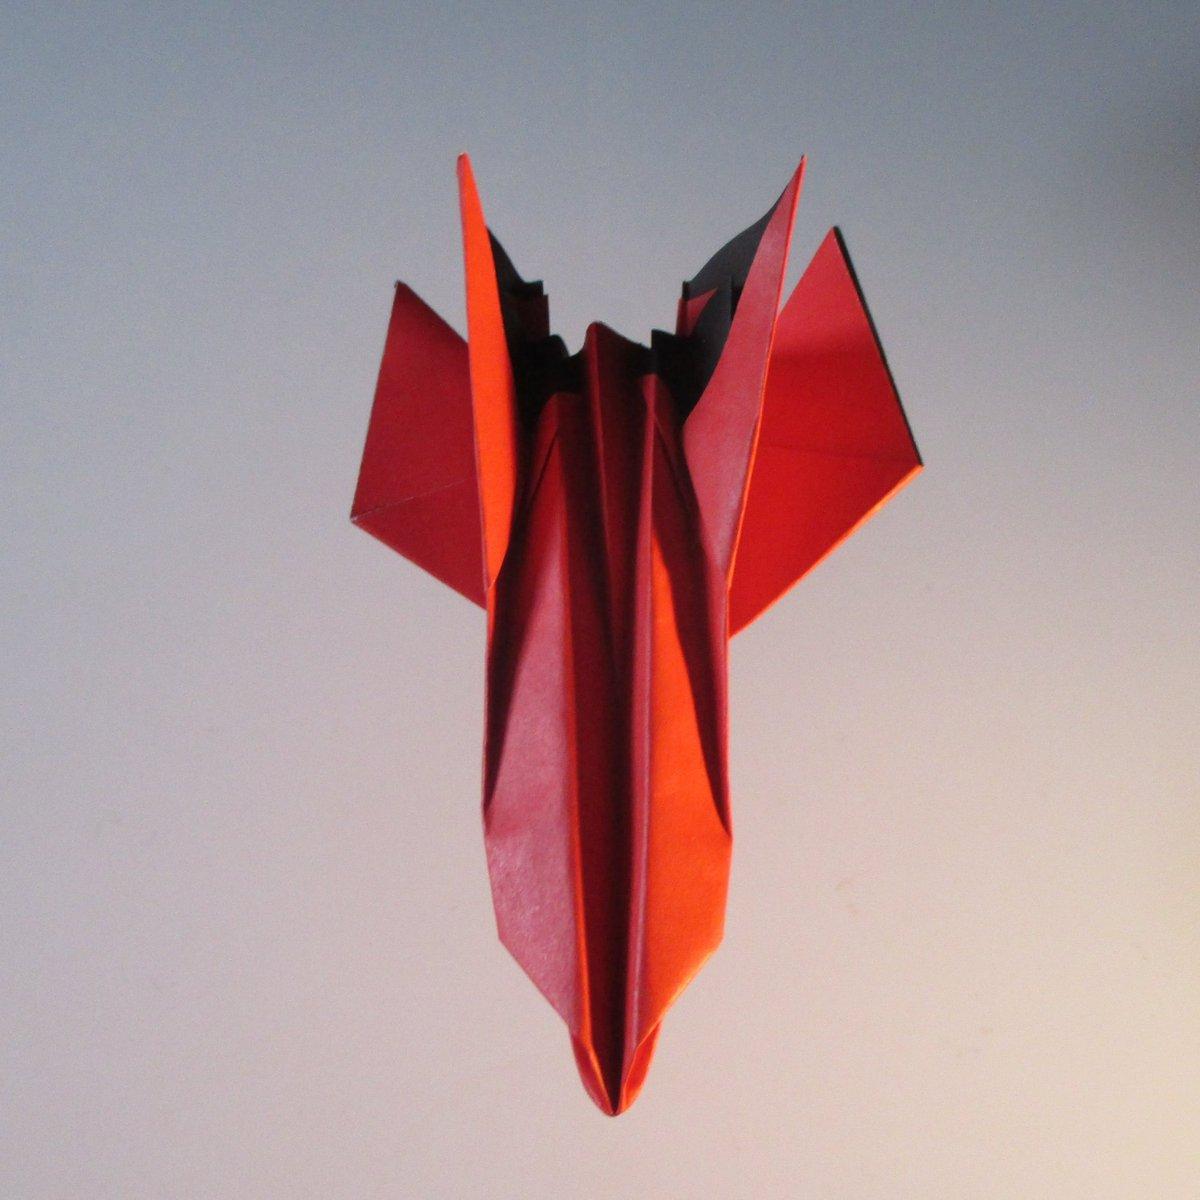 聖書《悪しき者は心の痛みが多い。 しかし 主に信頼する者は 恵みがその人を囲んでいる。 詩篇32:10》 #origami #折り紙作品 #折り紙 #おりがみ飛行機 #paperplanes #airplanes #origamiart  #jetfighter 作品紹介! #nationalpaperairplaneday #架空機 https://t.co/Zb5oUPBpkt